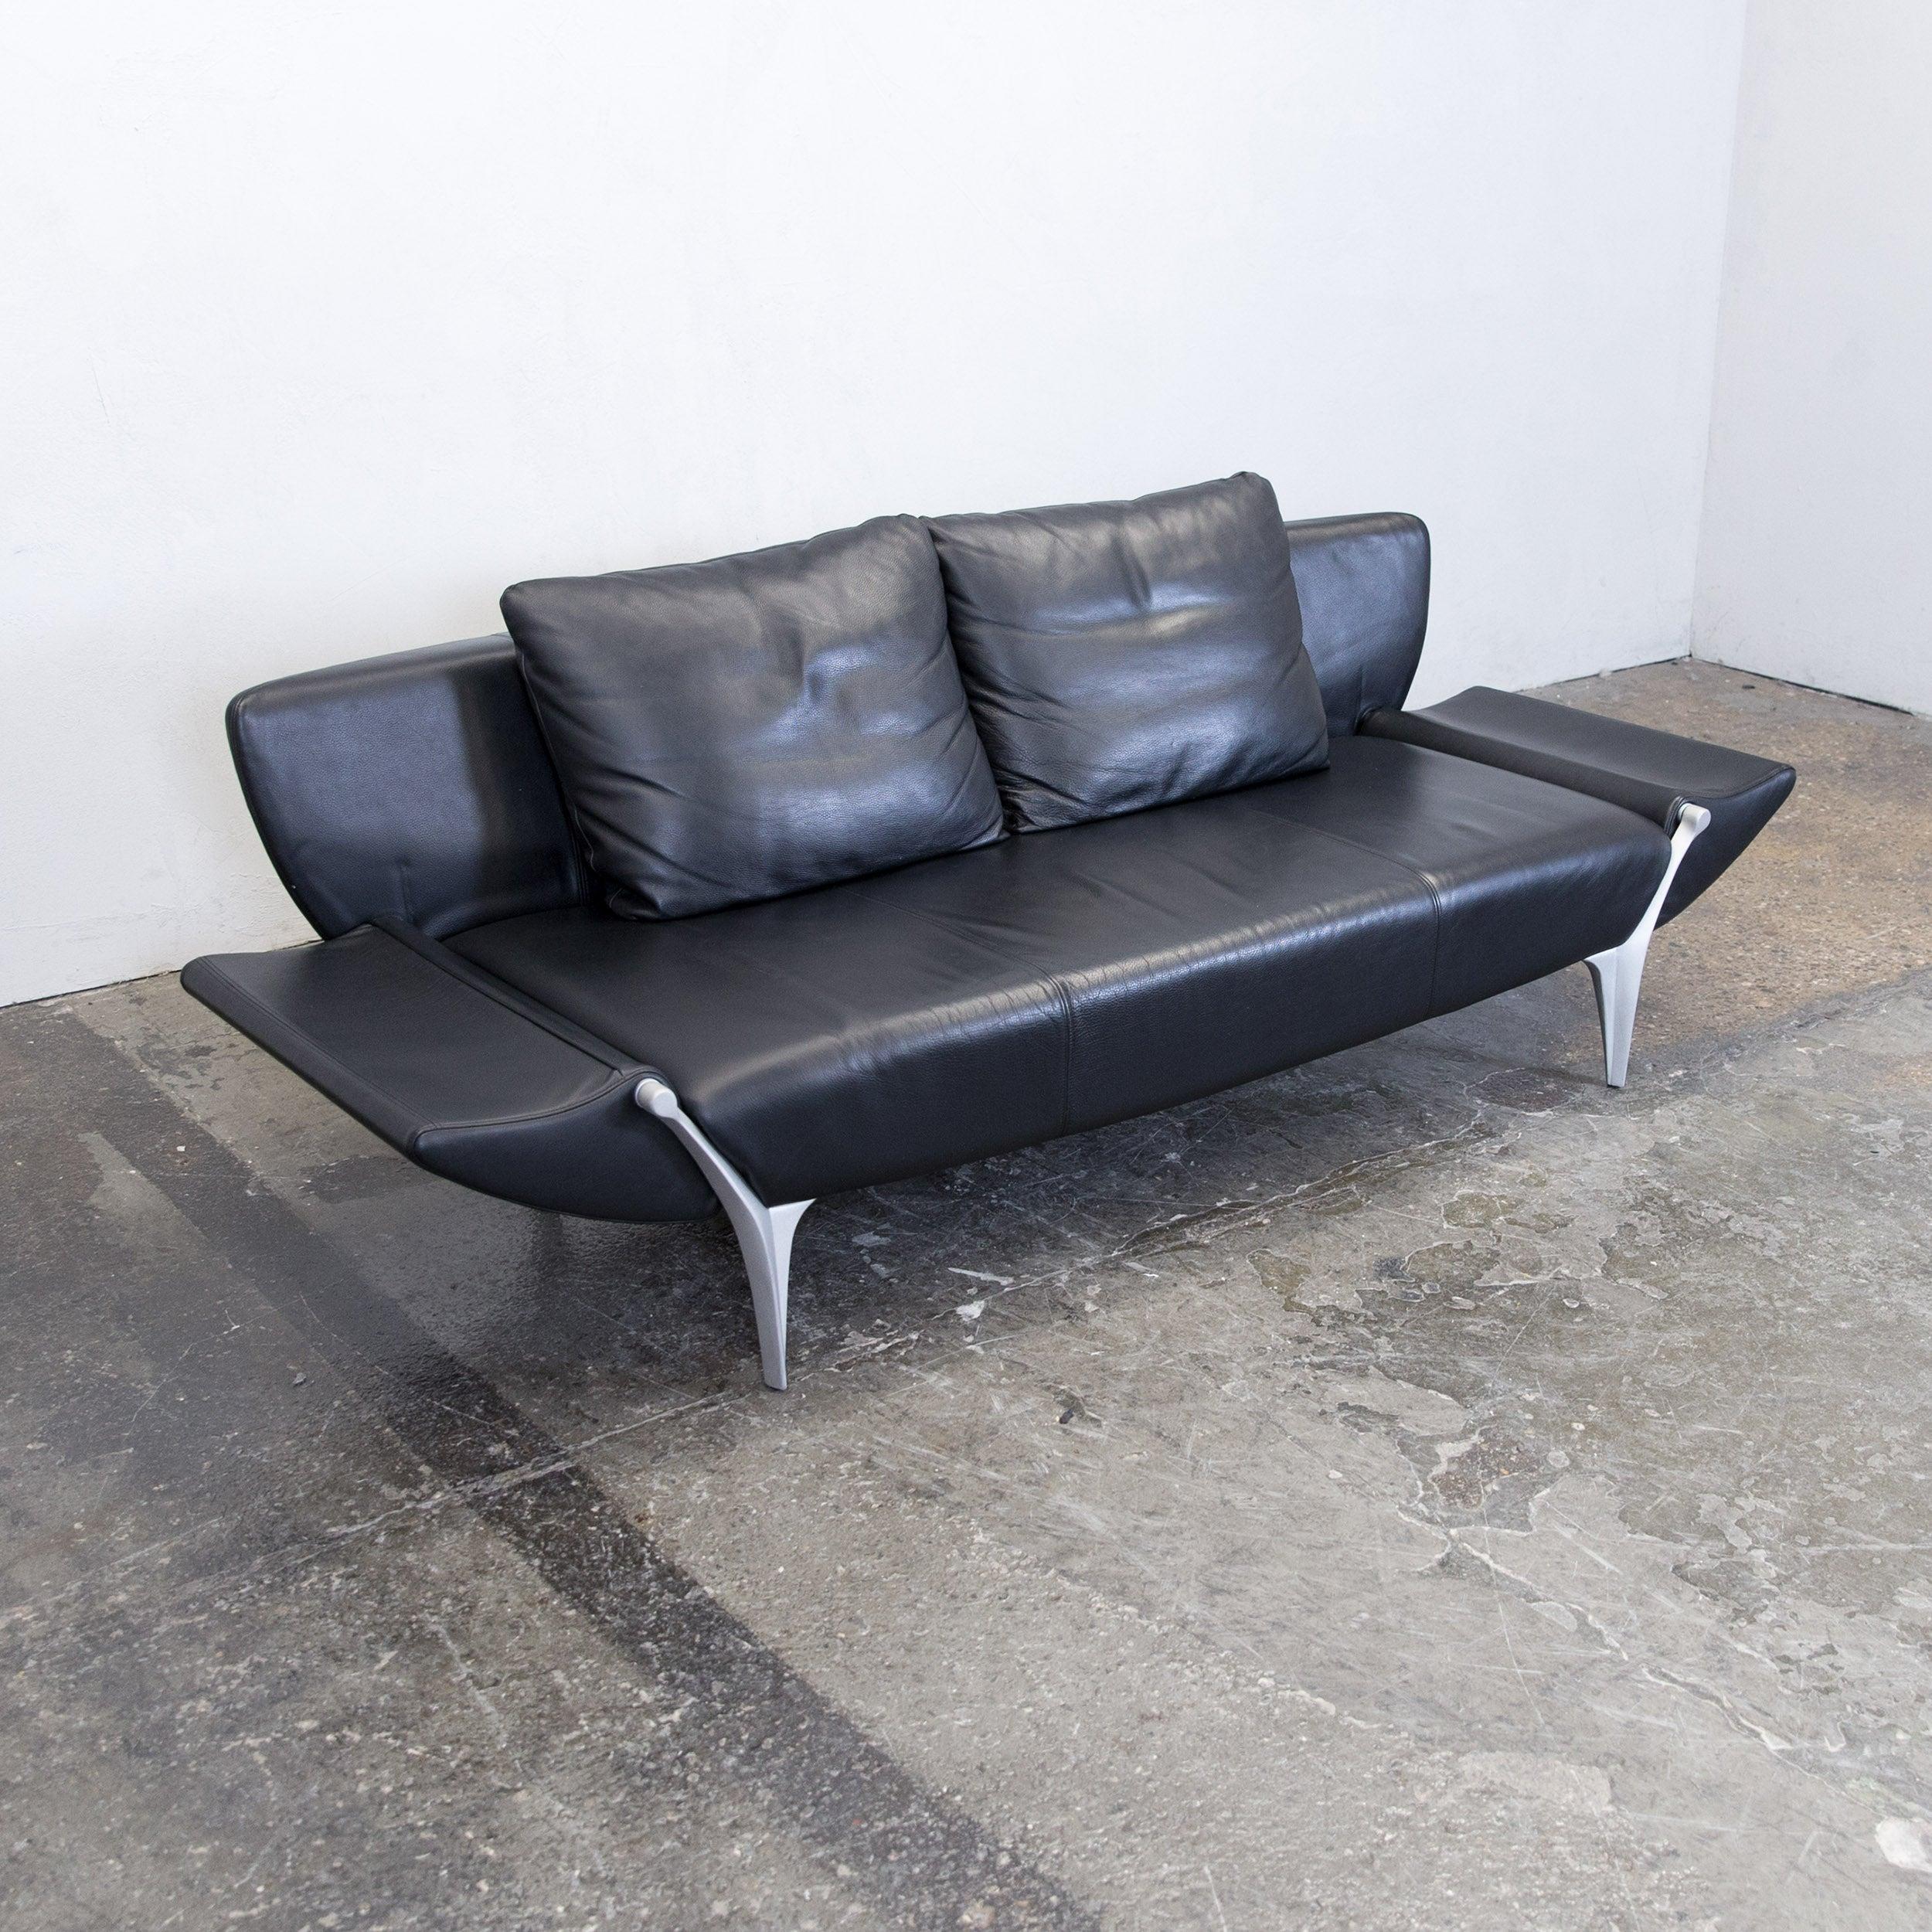 Elegant Sofa Benz Galerie Von Rolf Sob 1600 Designer Leather Black Three-seat